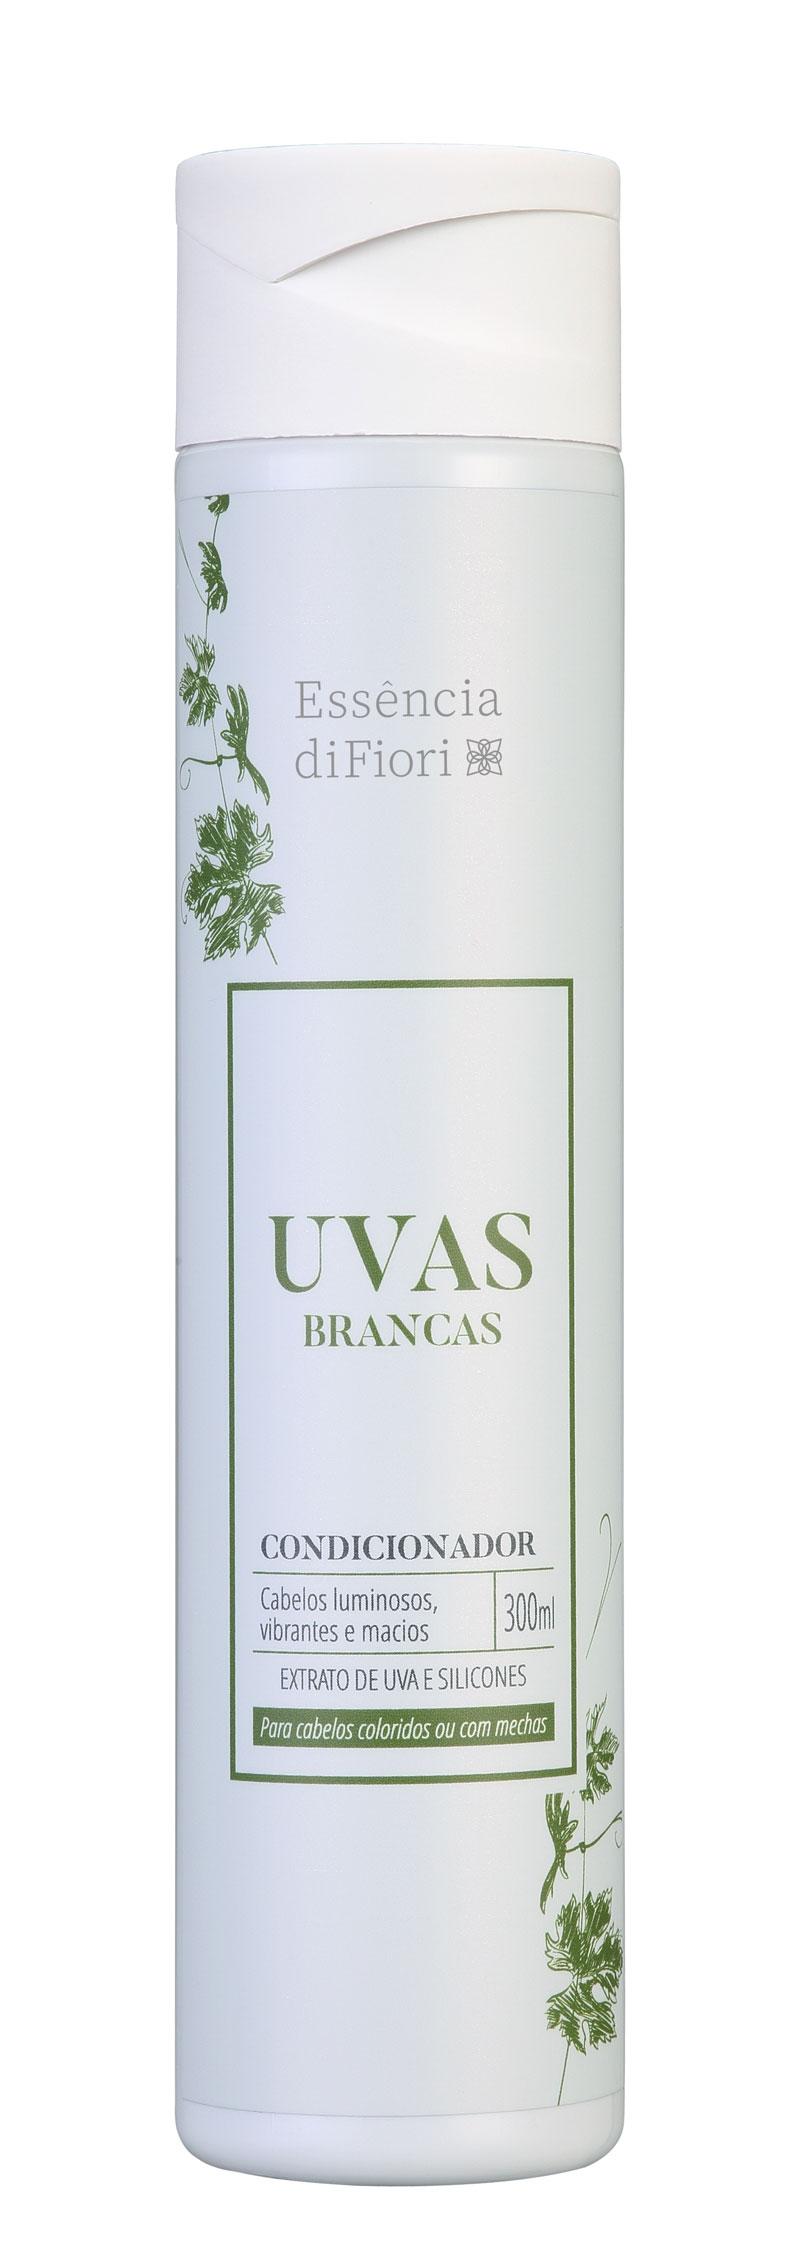 Condicionador Uvas Brancas